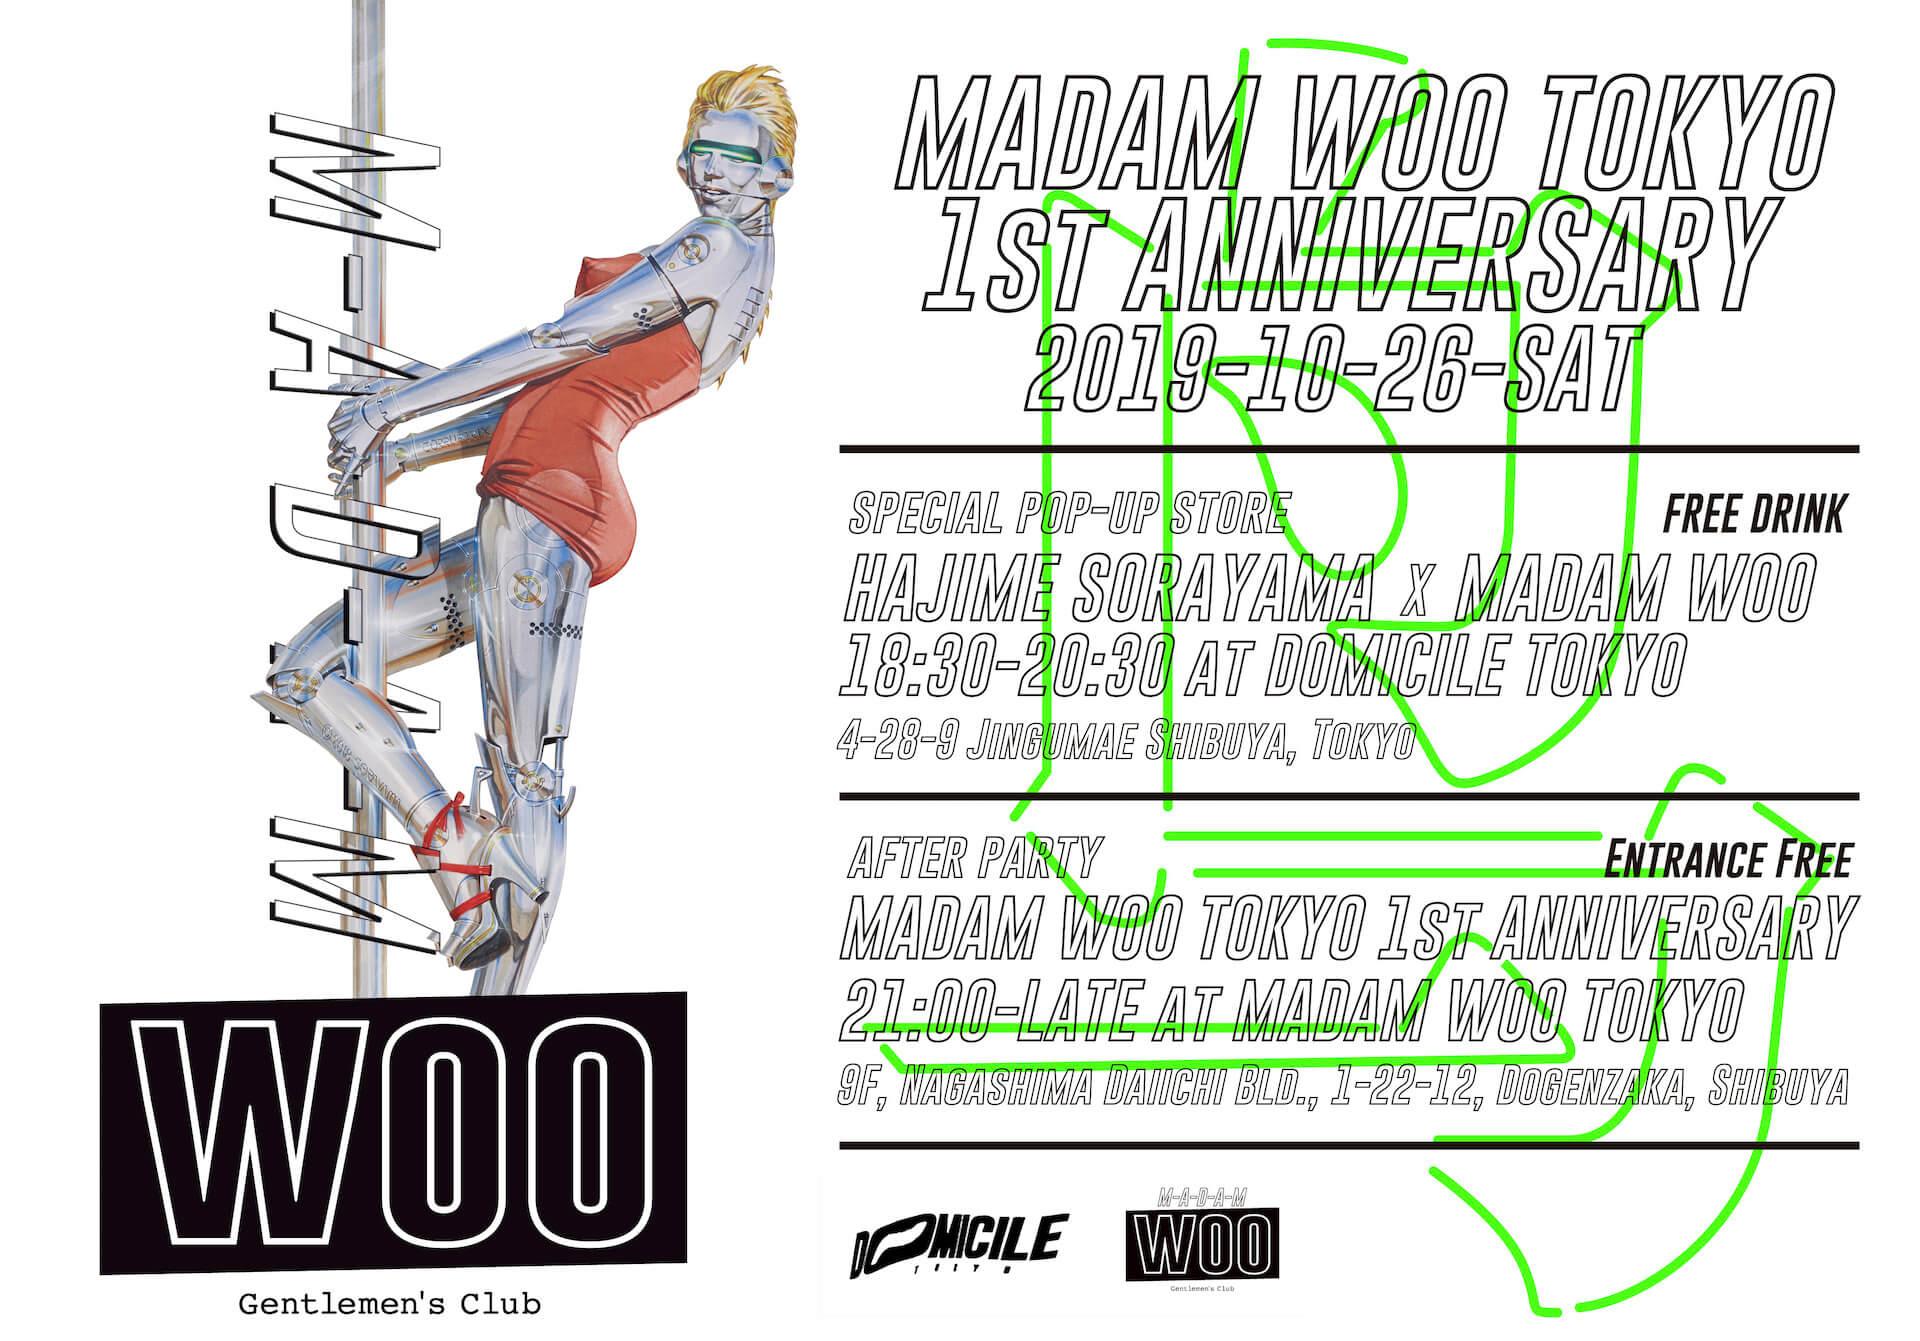 ストリートなイベント【東京】MADAM WOO TOKYO 1ST ANNIVERSARY POP UP & AFTER PARTY 空山基との限定コラボアイテムも登場!